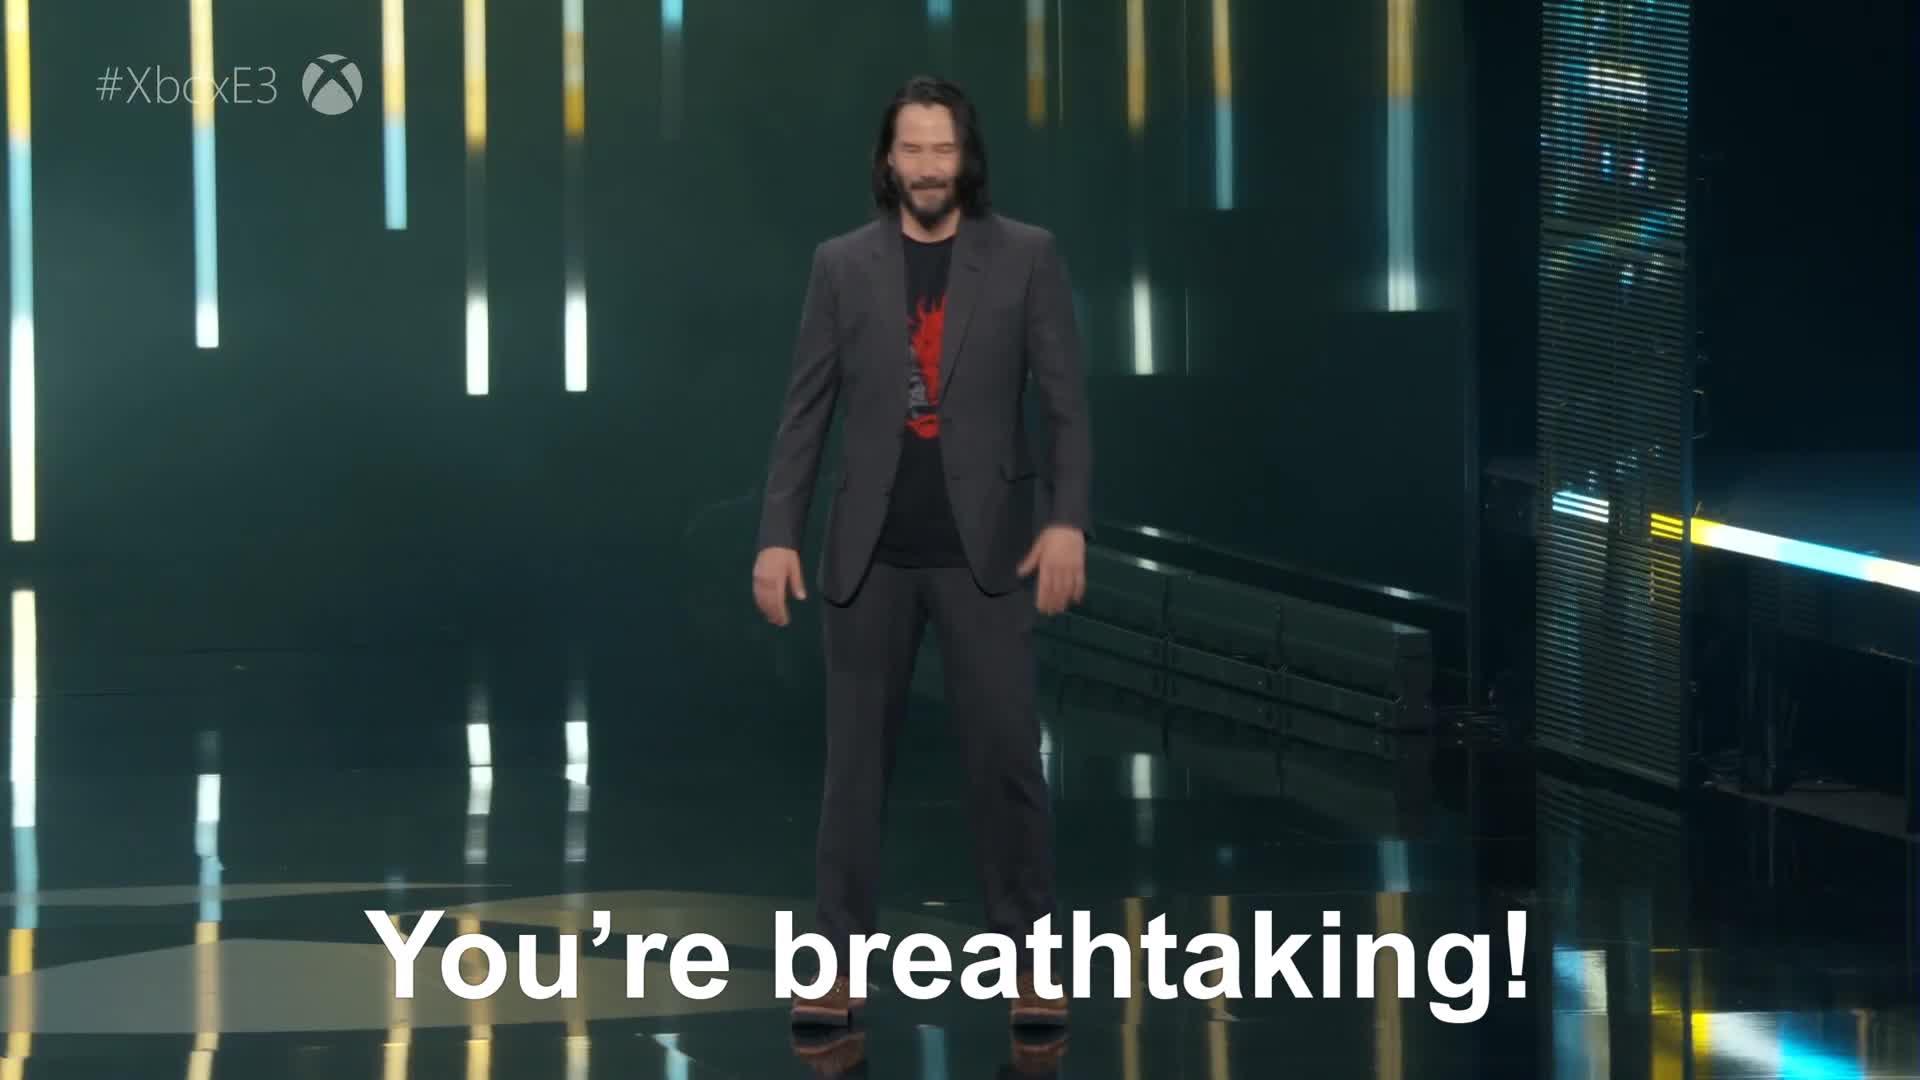 cyberpunk, cyberpunk 2077, e3 2019, game, games, gamespot, gaming, juego, keanu, keanu reeves, video game, witcher, Cyberpunk 2077 - Keanu Reeves On Stage   Microsoft Xbox E3 2019 GIFs